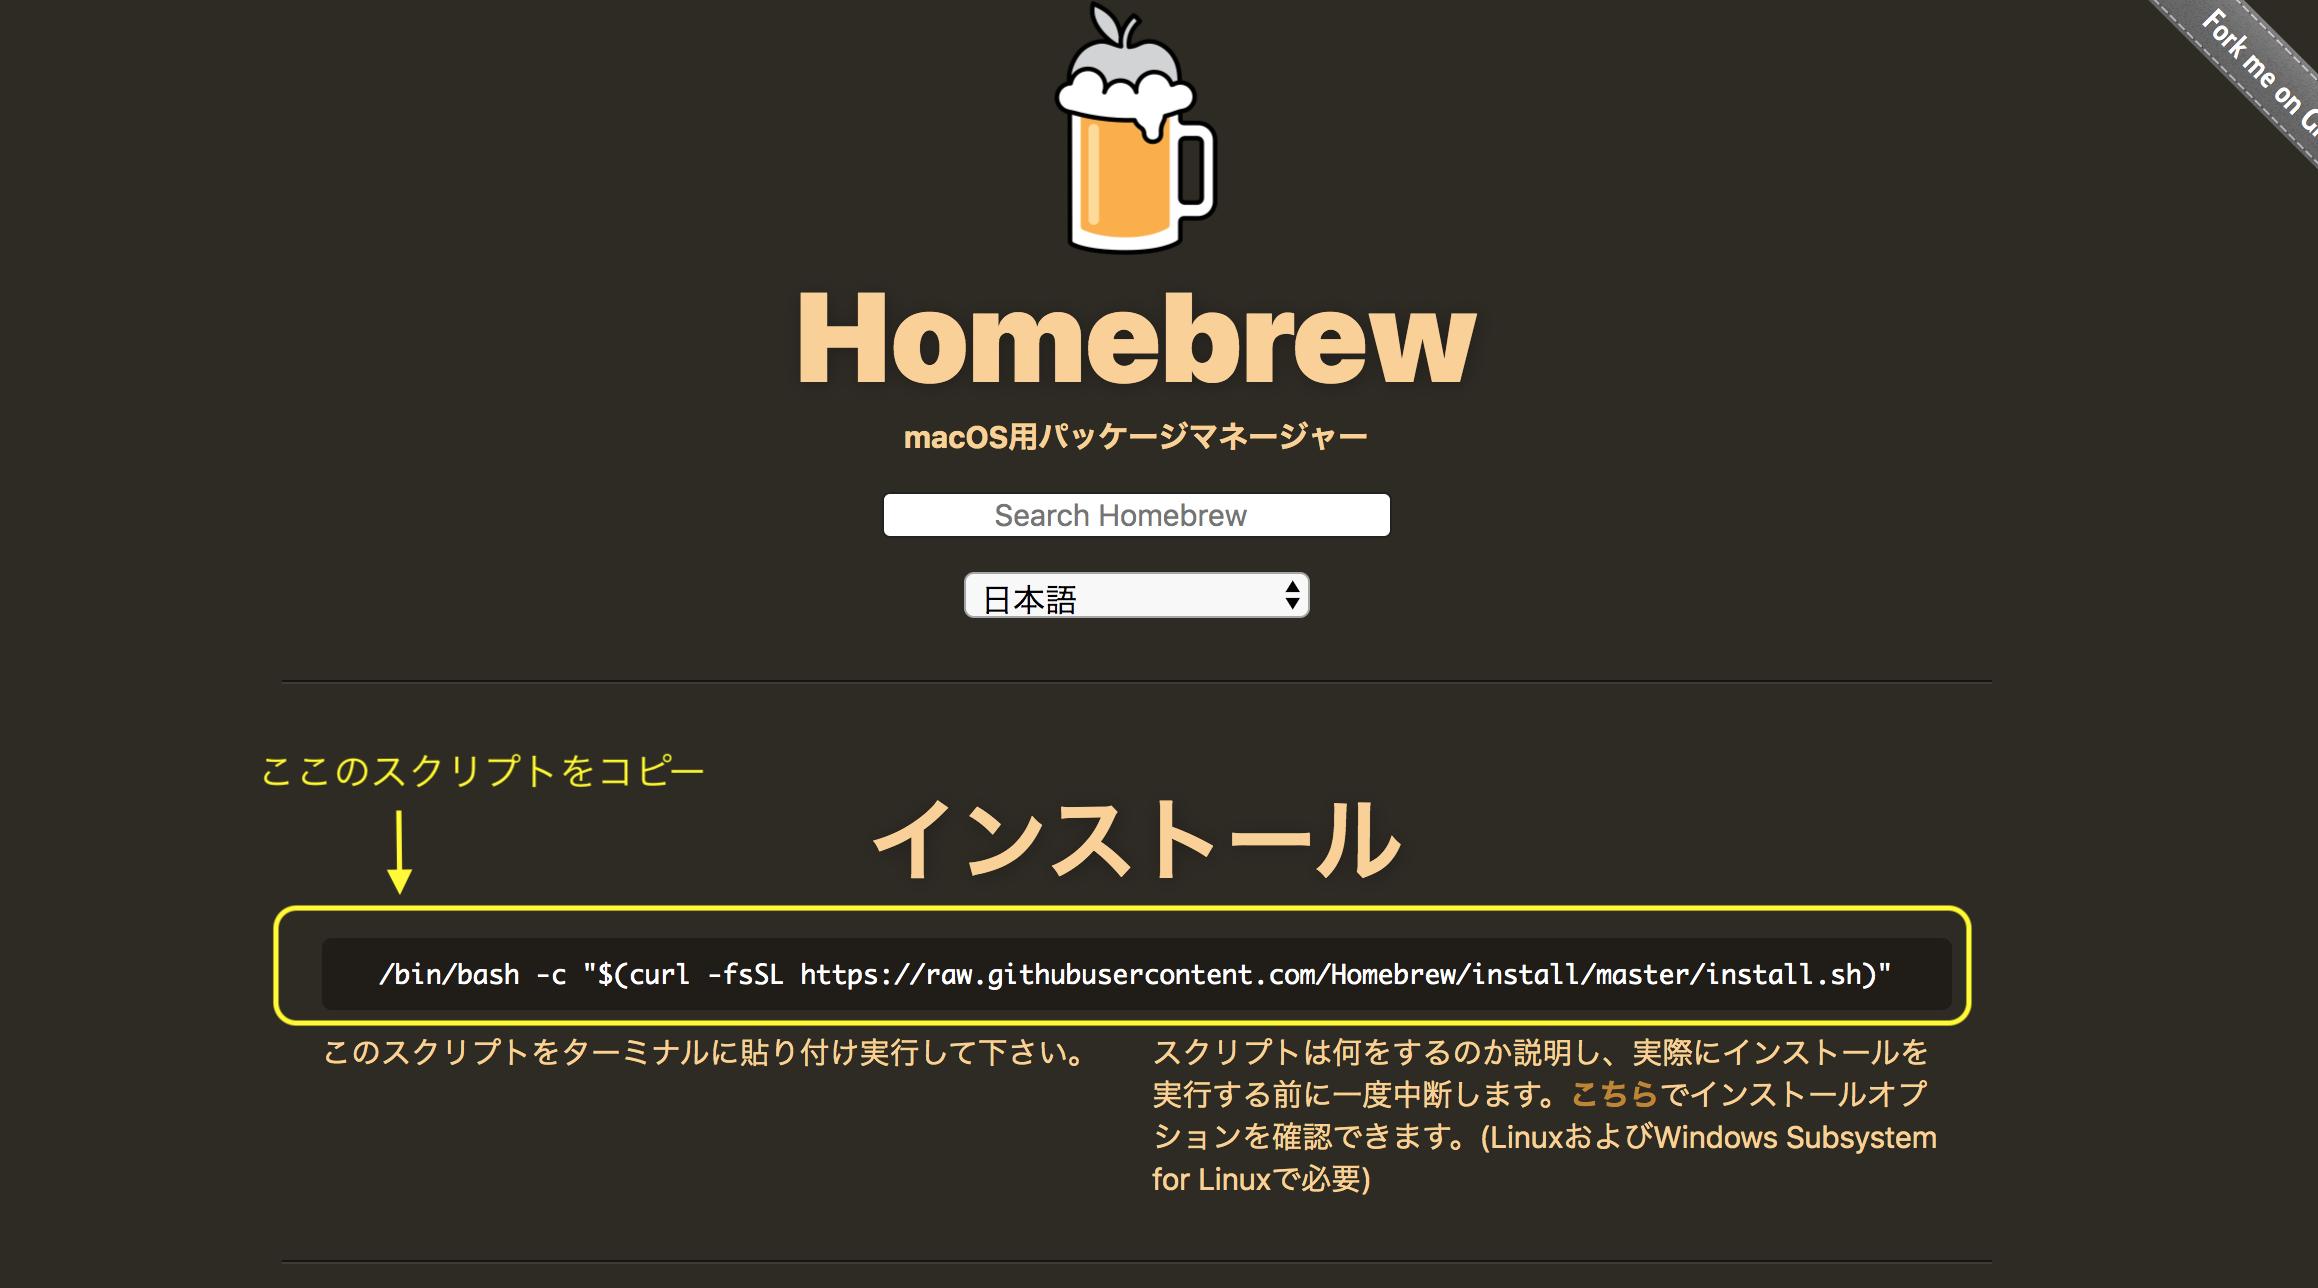 スクリーンショット-2020-03-23-10.31.57